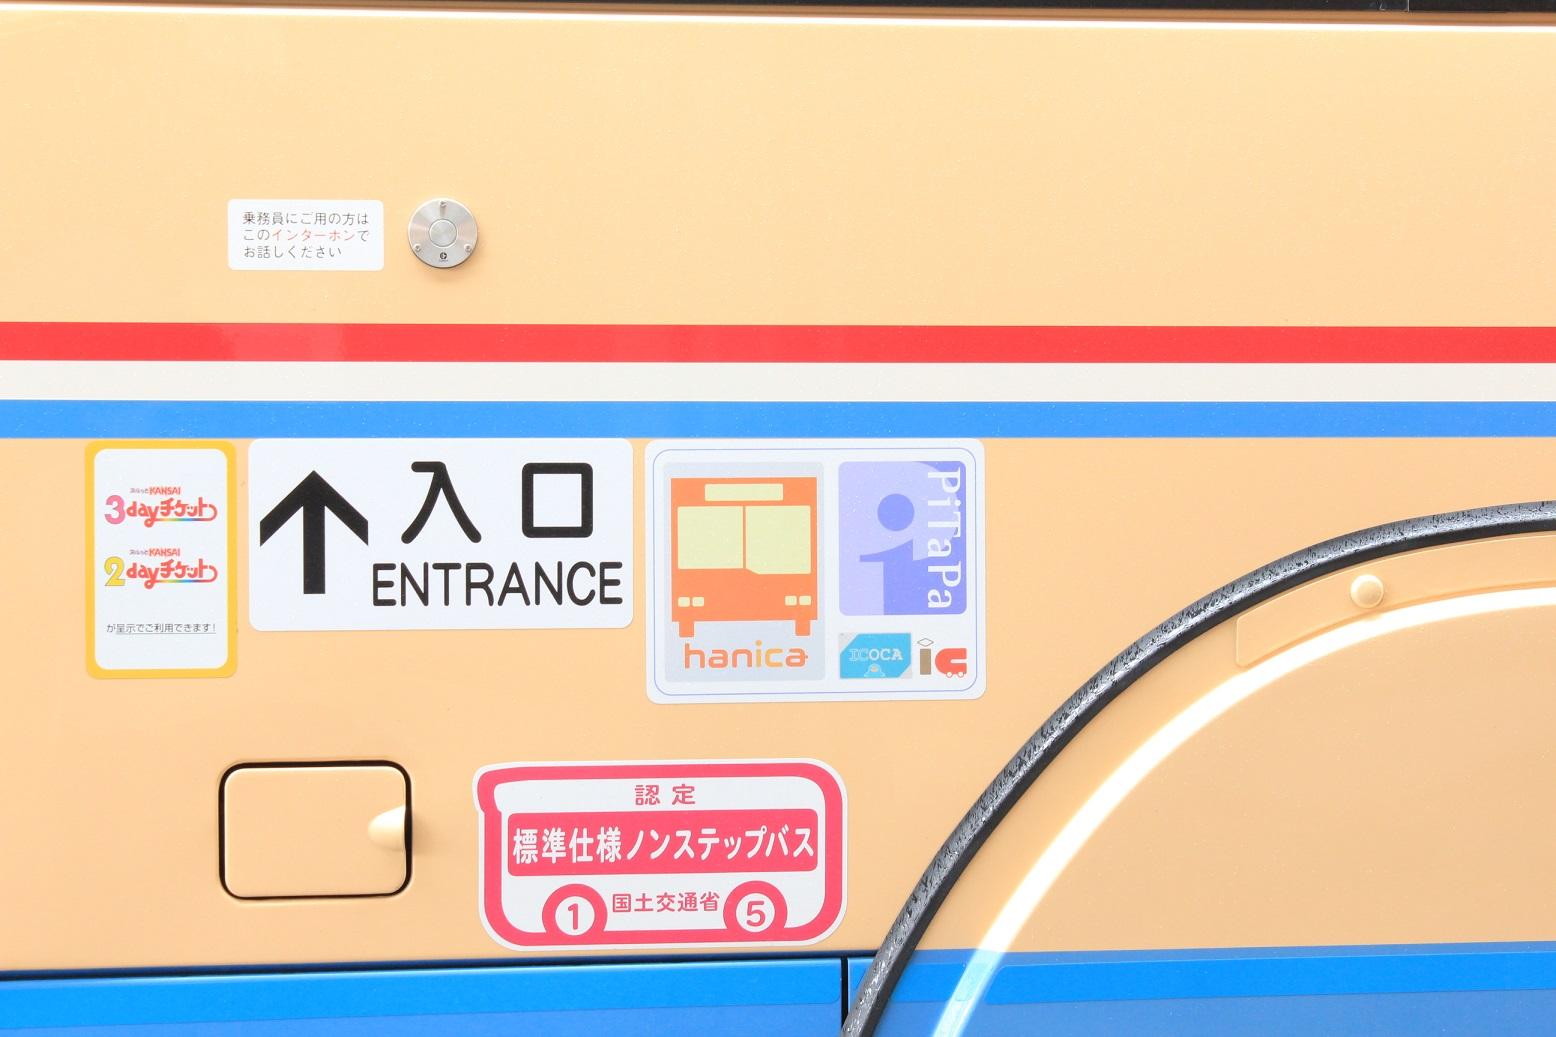 阪急バス 小ネタ _d0202264_12254515.jpg